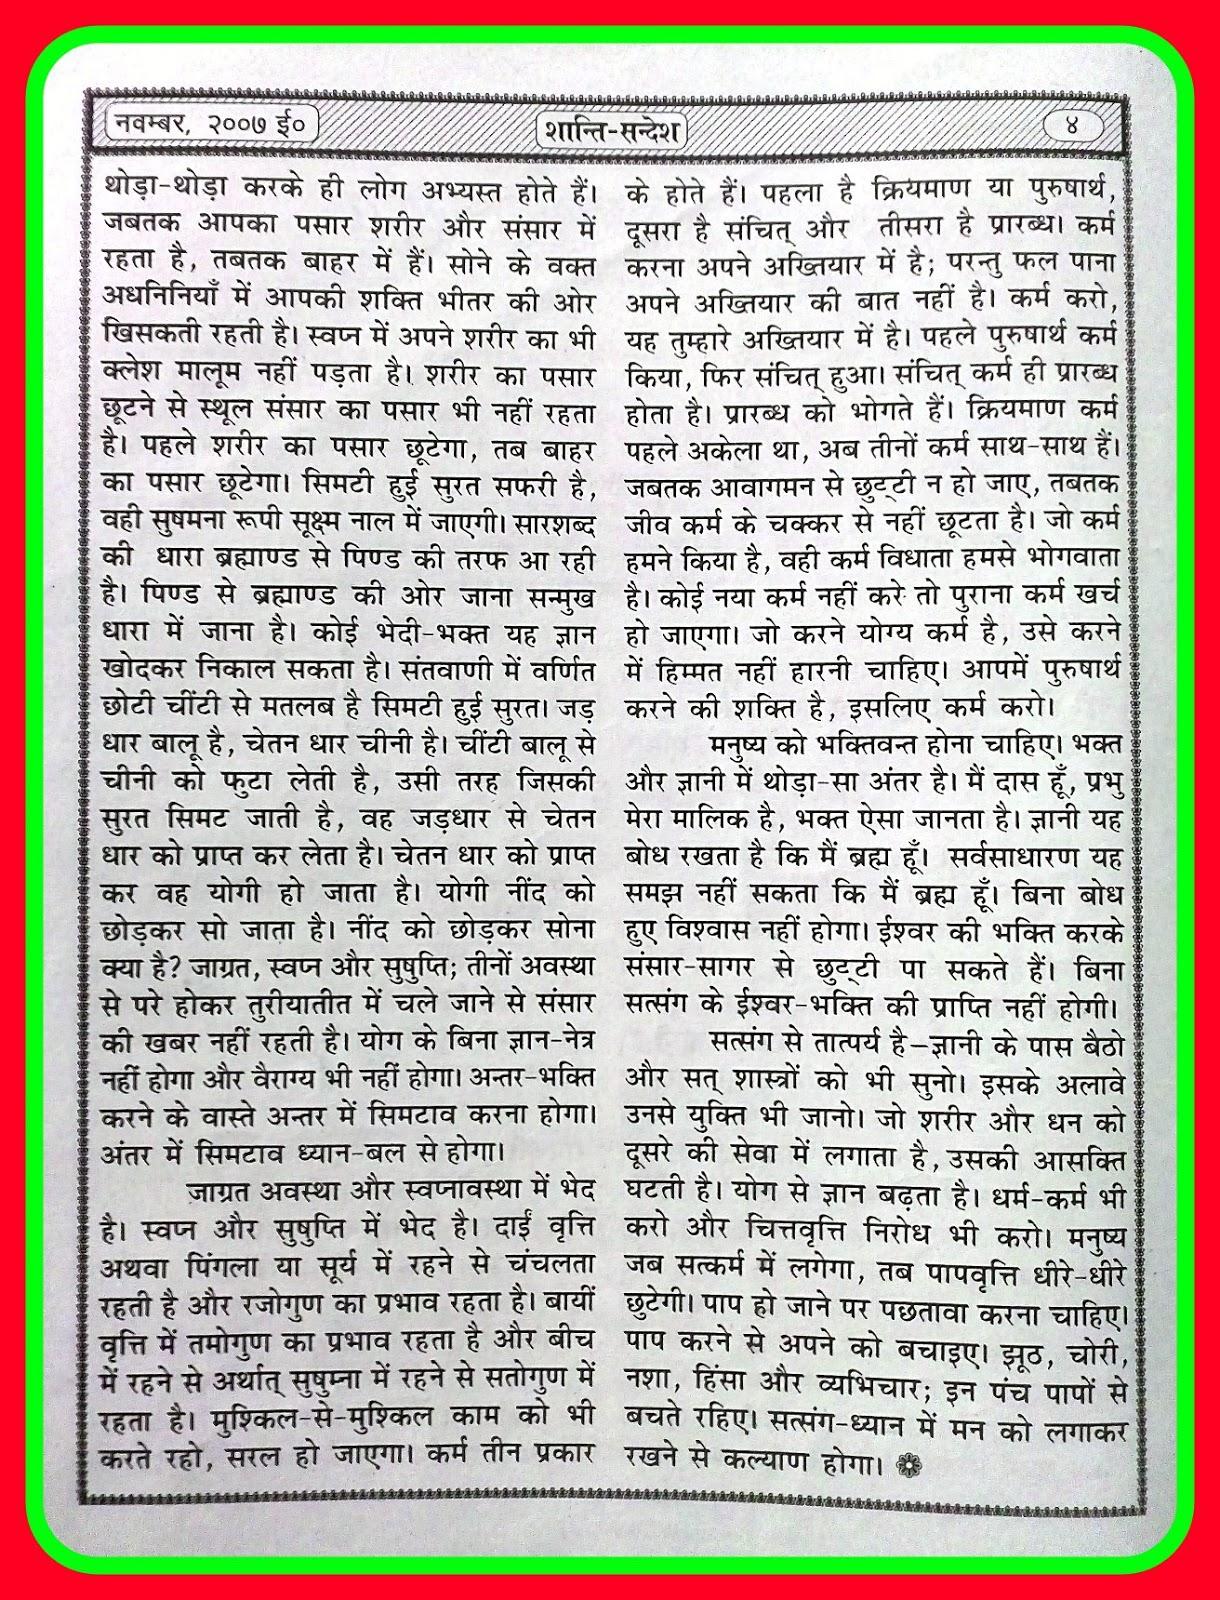 प्रवचन चित्र समाप्त नाम महिमा, राम नाम महिमा,